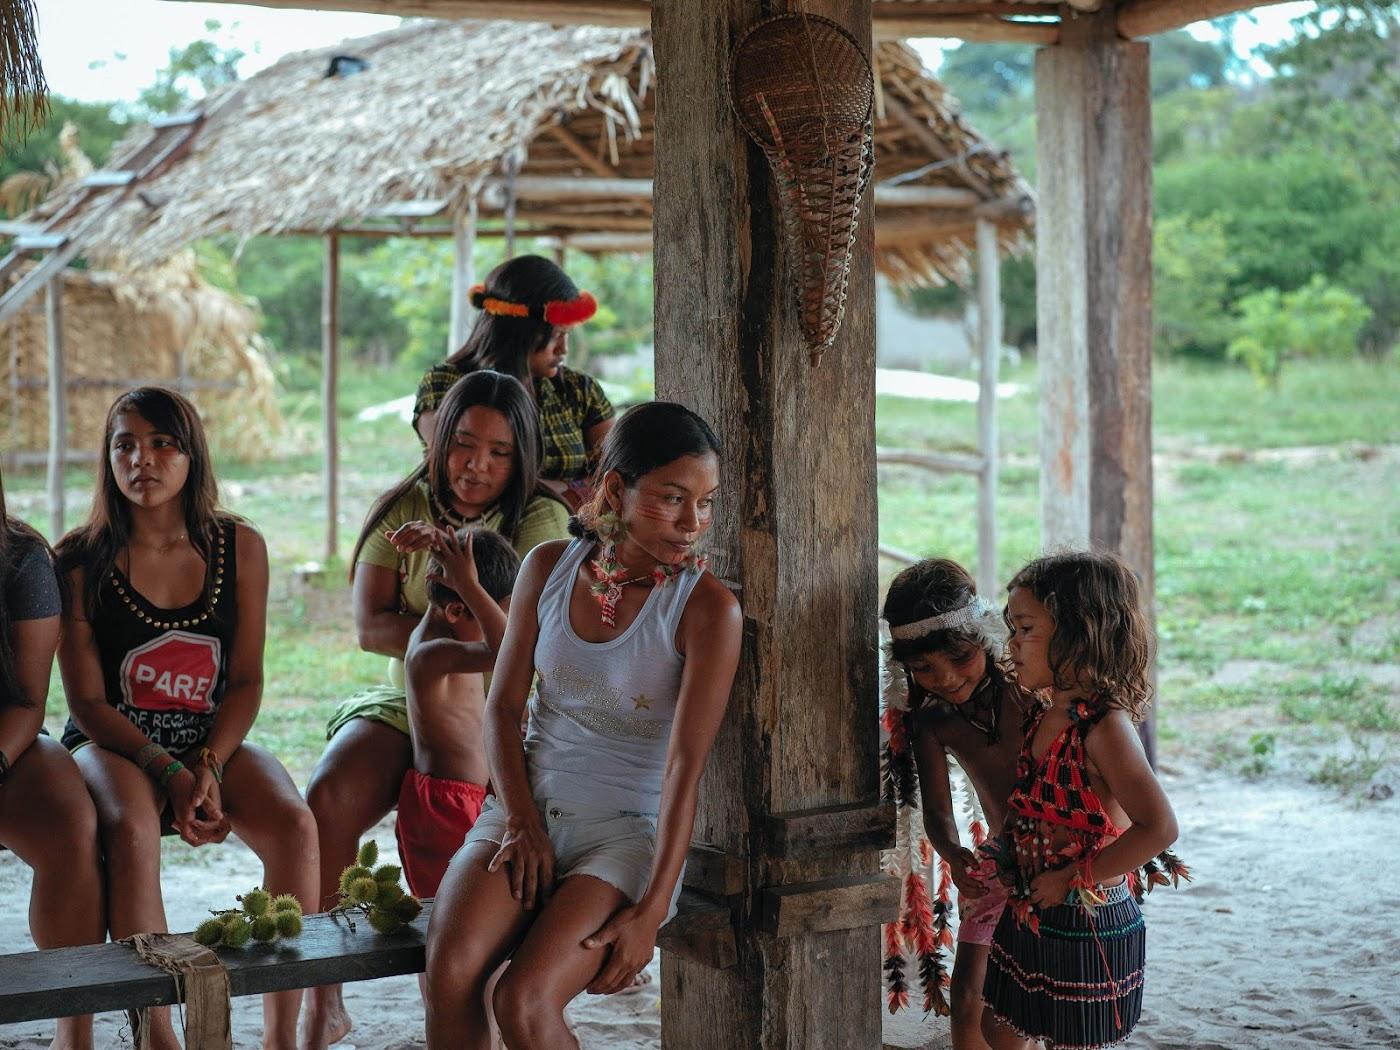 Junge Mitglieder der Tembé feiern ihre Kultur mit Gesichtsbemalung und Kopfschmuck.